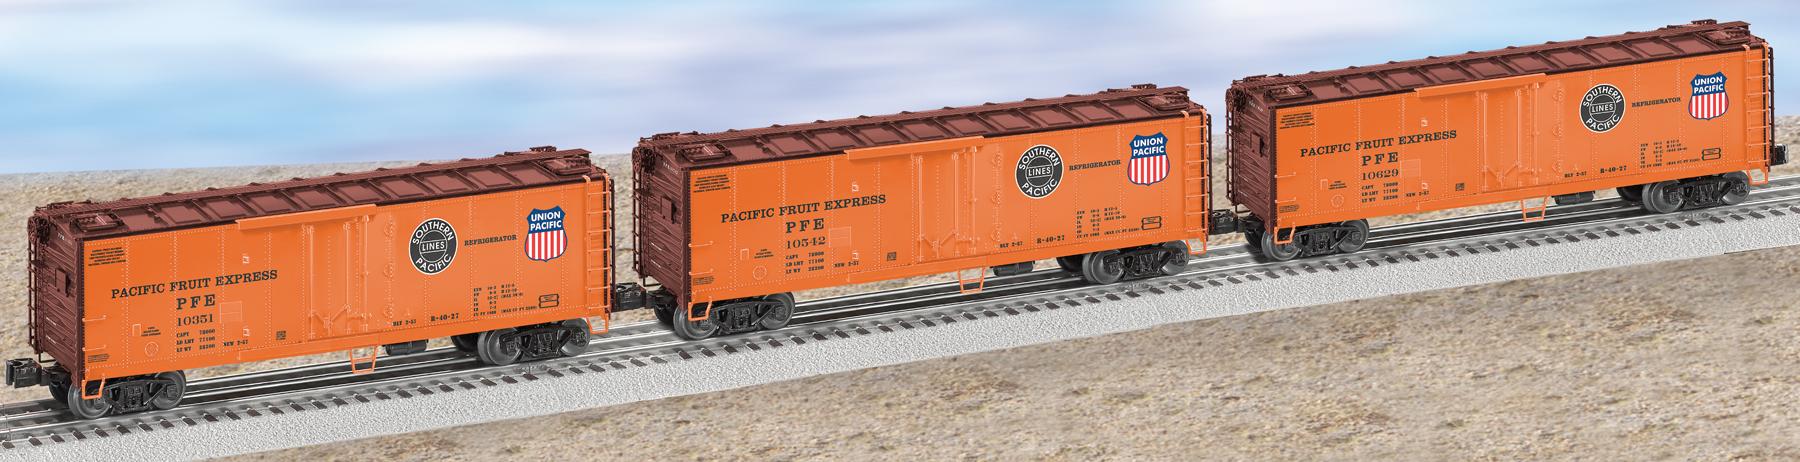 pacific fruit express steel sided refrigerator car 3 pack orange set 3. Black Bedroom Furniture Sets. Home Design Ideas